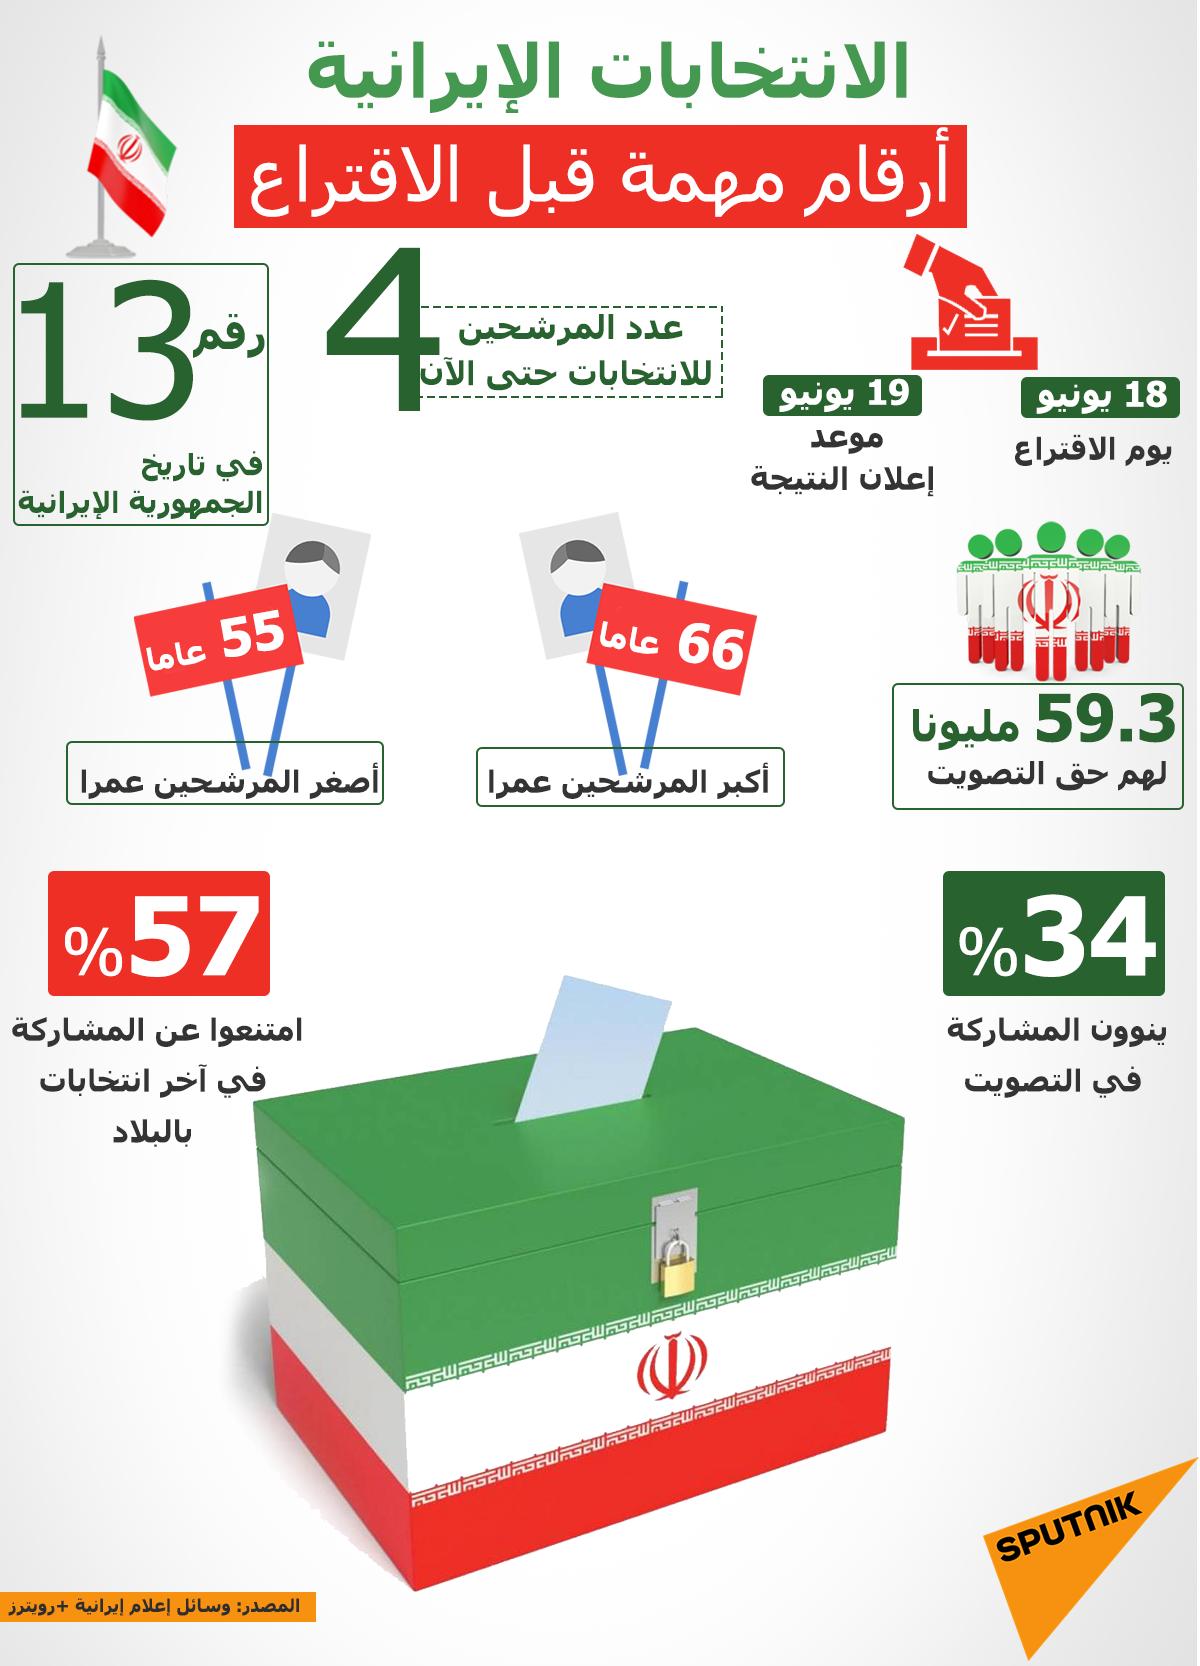 إنفوجرافيك... الانتخابات الإيرانية... أرقام مهمة قبل الاقتراع